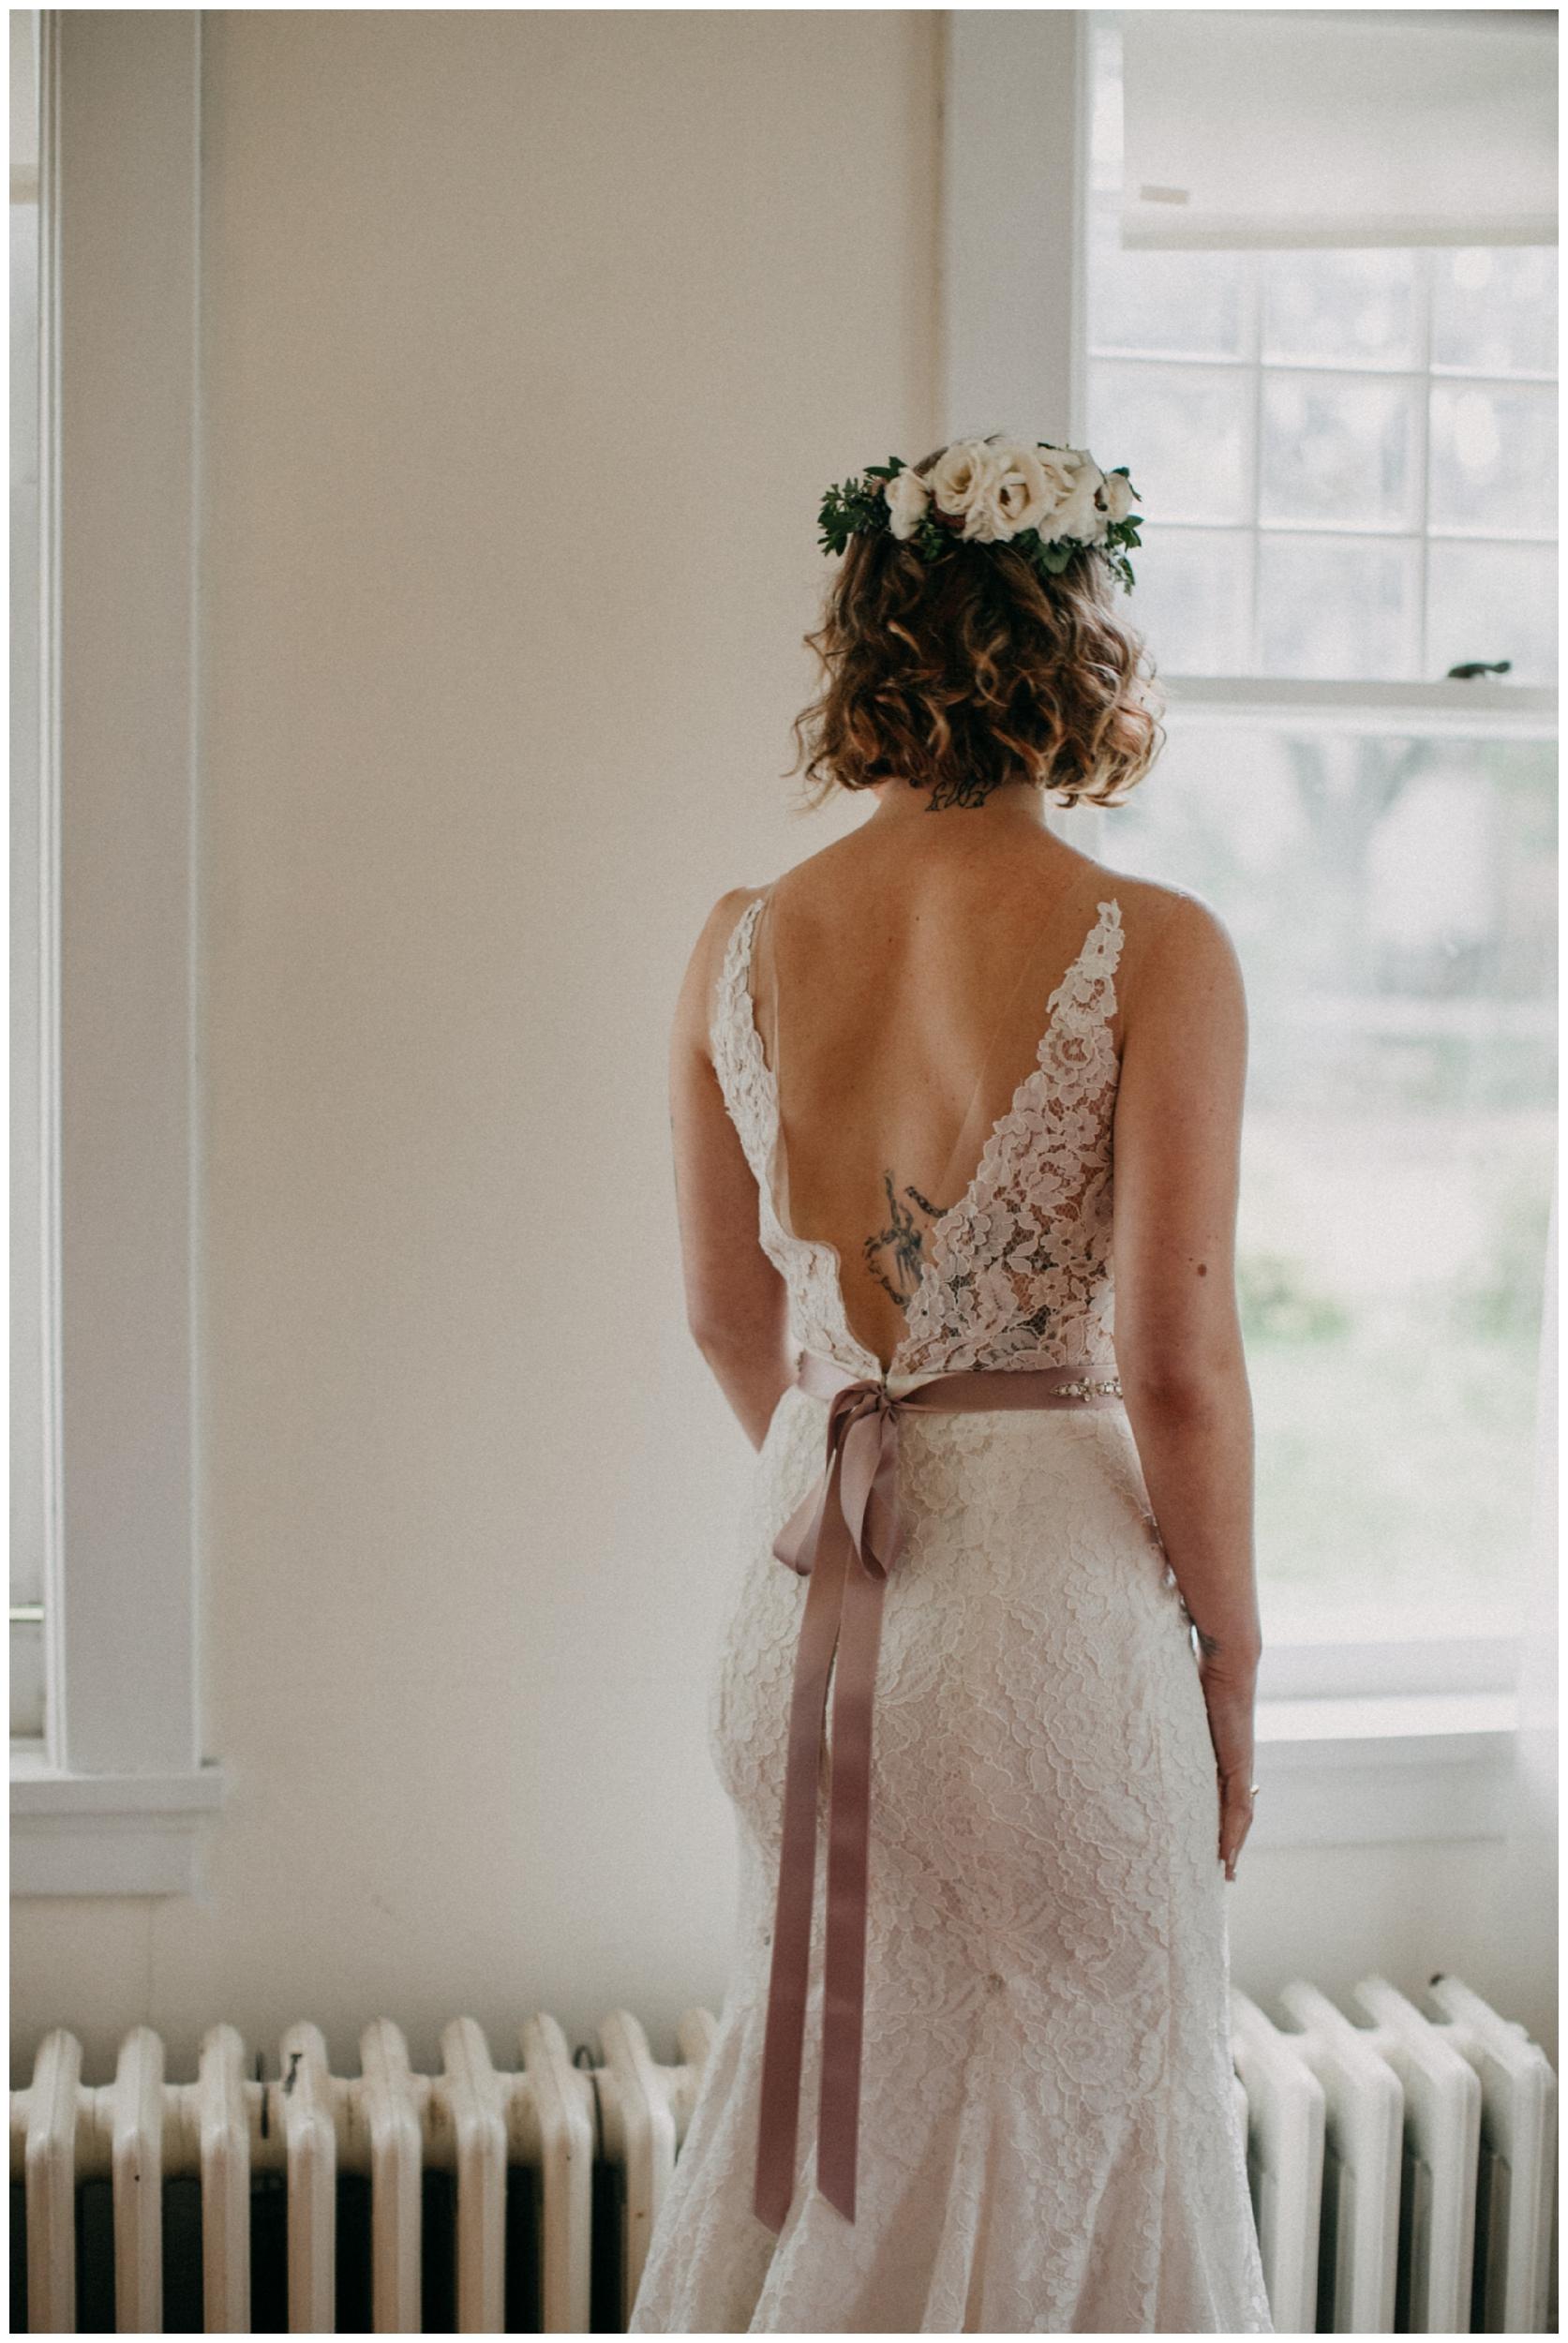 Elegant bridal portrait at intimate Duluth wedding by Britt DeZeeuw